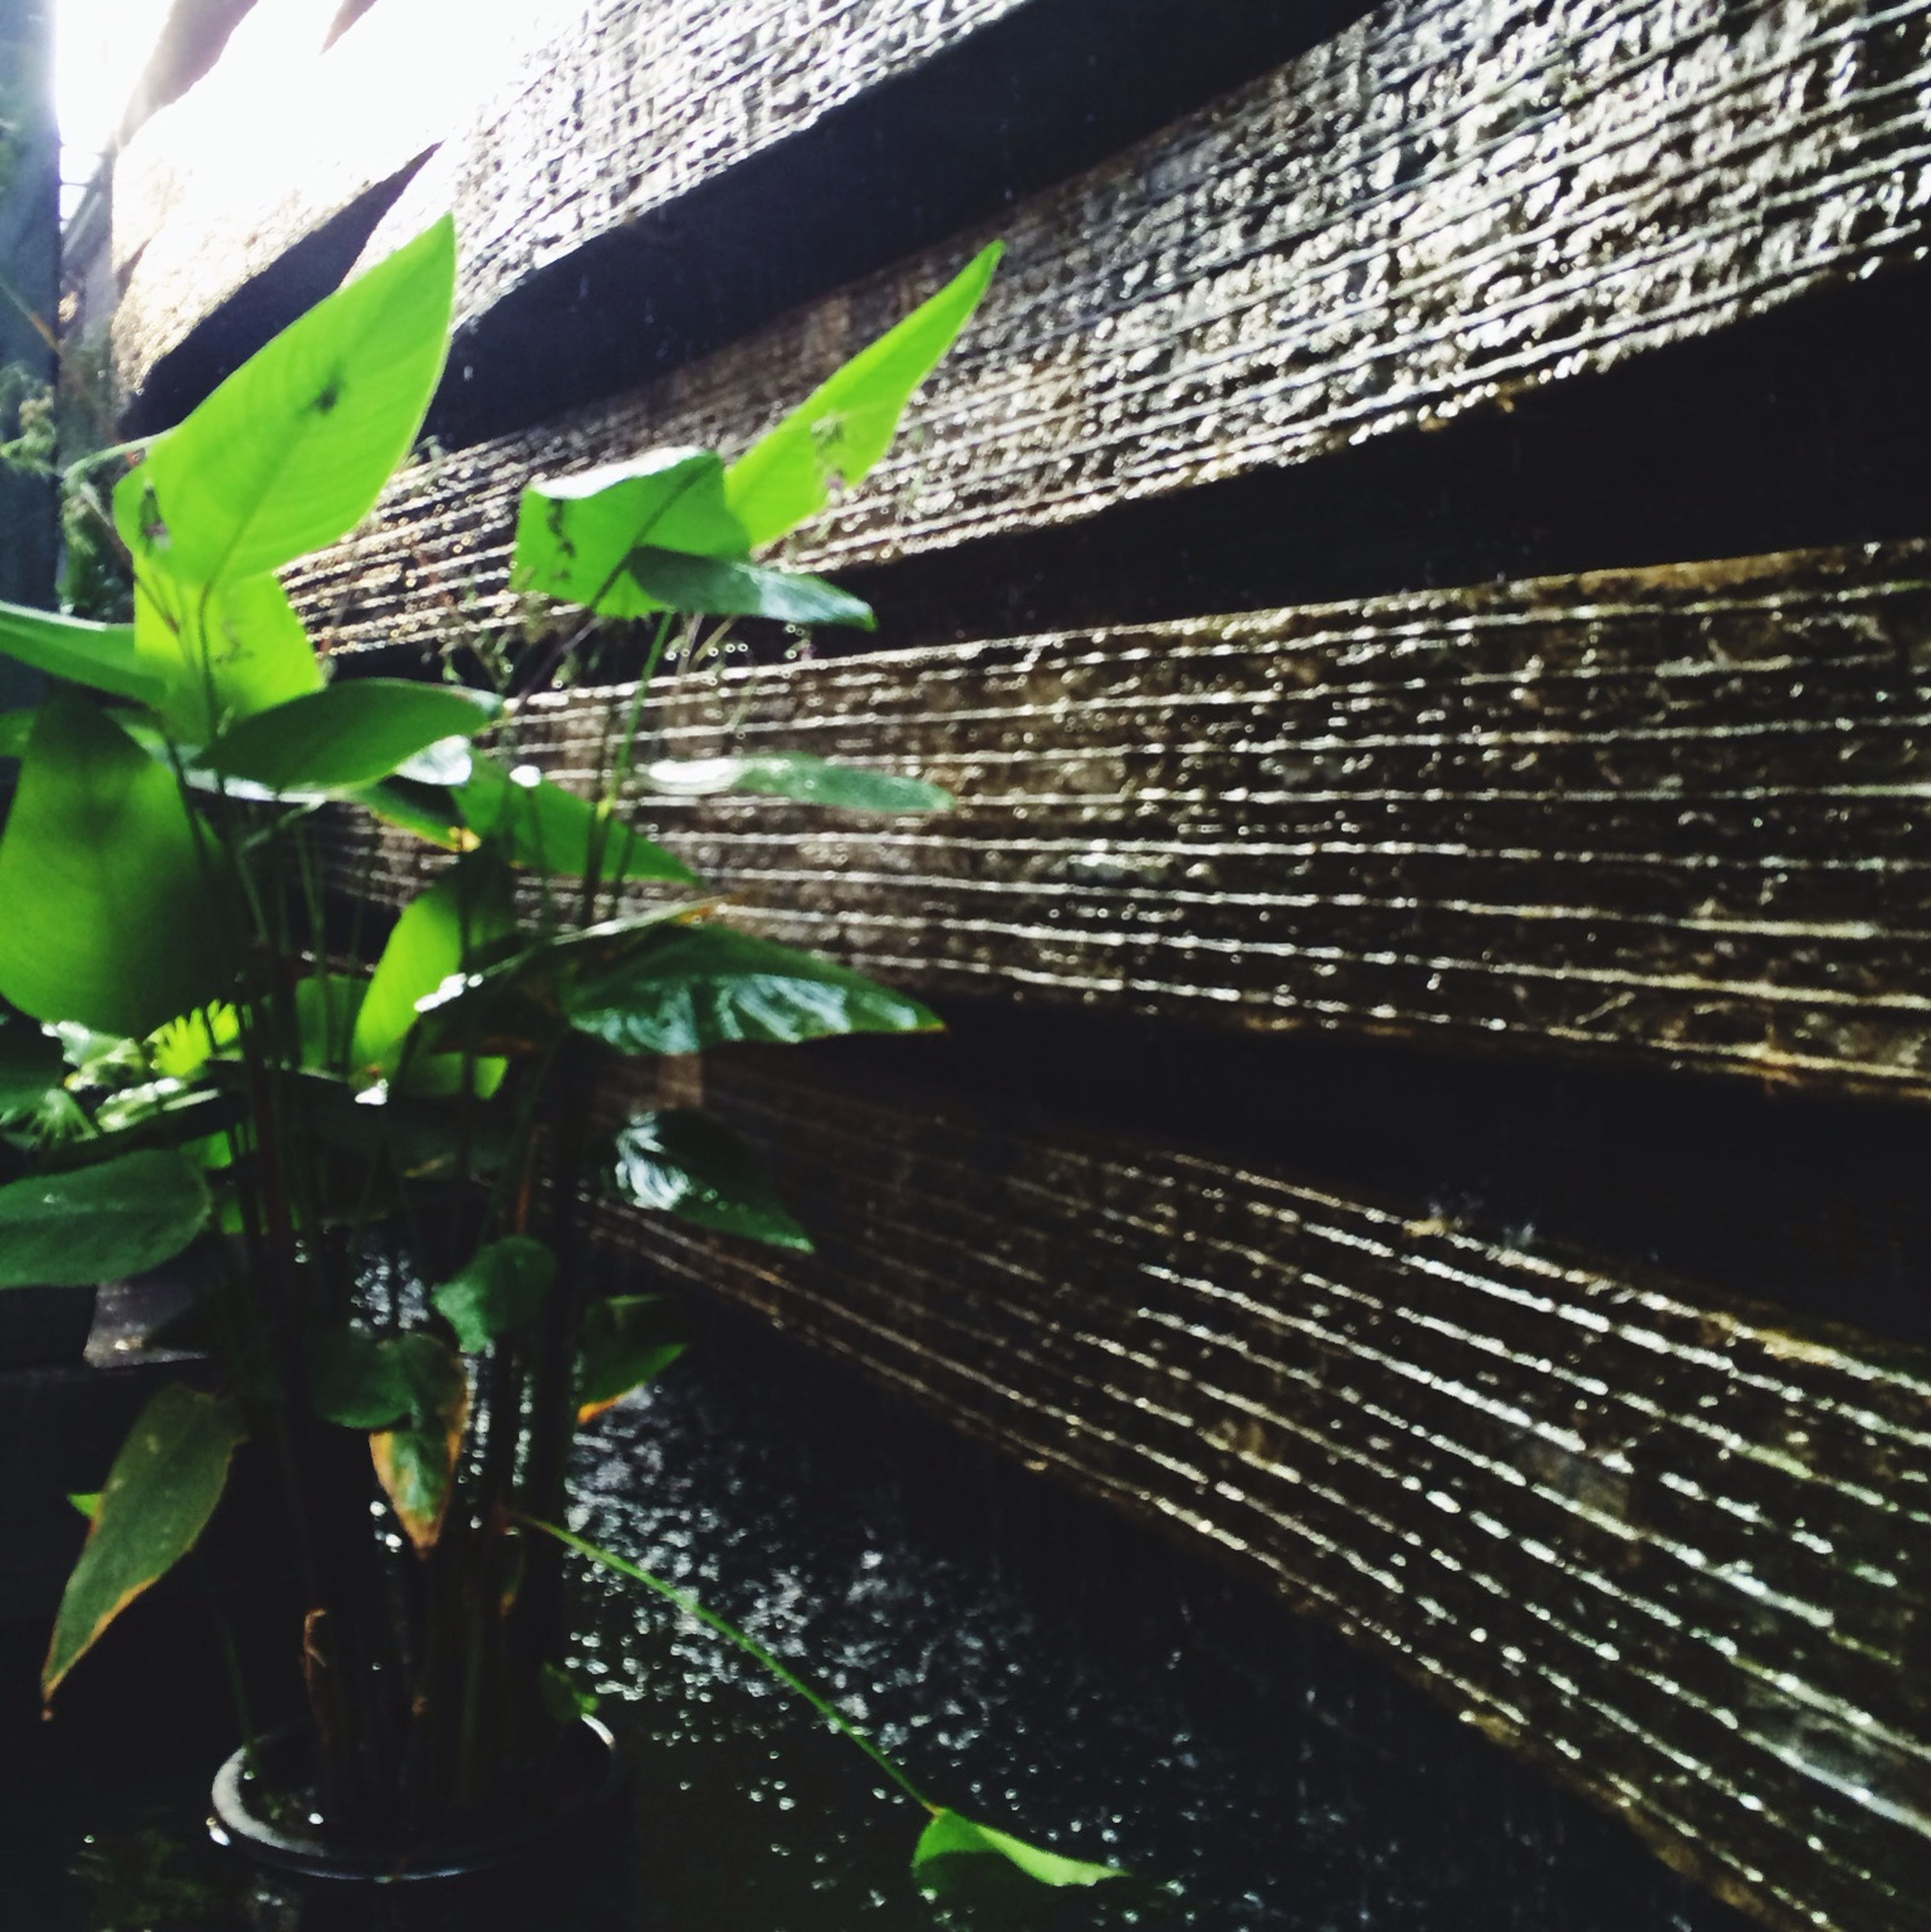 Thà làm giọt mưa... Cool Stuff People Watching Blackandwhite Streetphotography